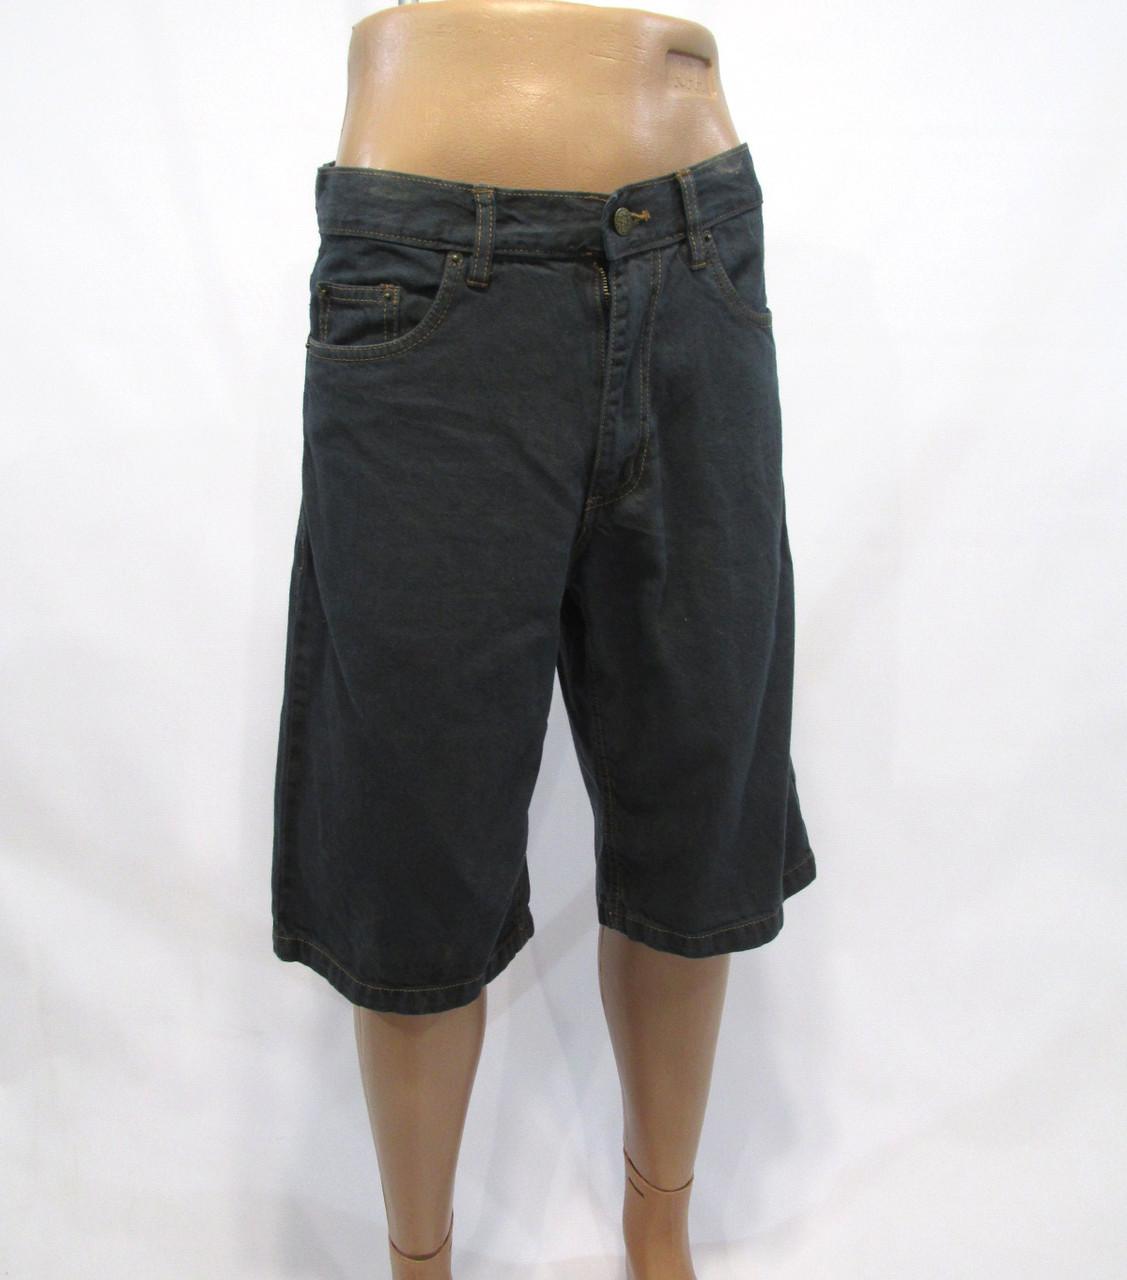 Шорты джинсовые Atlas for Men, 46 (S), cotton, Отл сост!